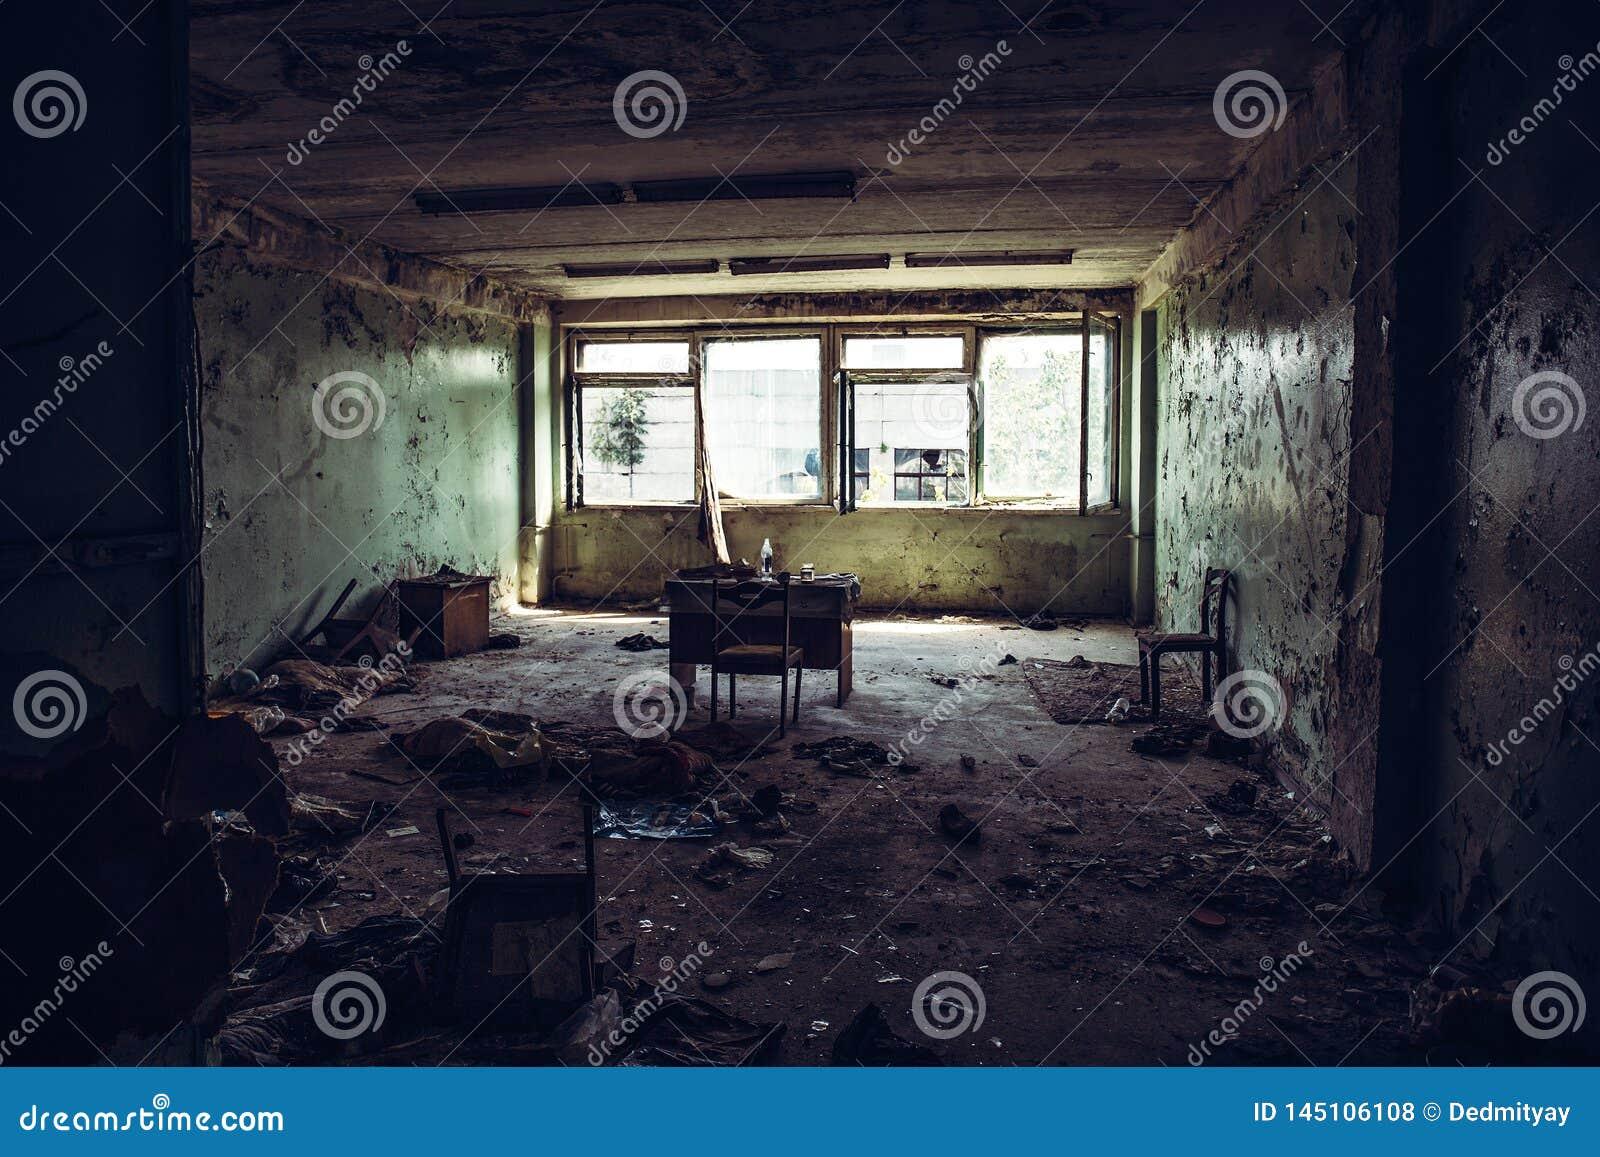 Sitio arruinado abandonado de construcción industrial dentro del grunge sucio interior, oscuro y de la atmósfera espeluznante